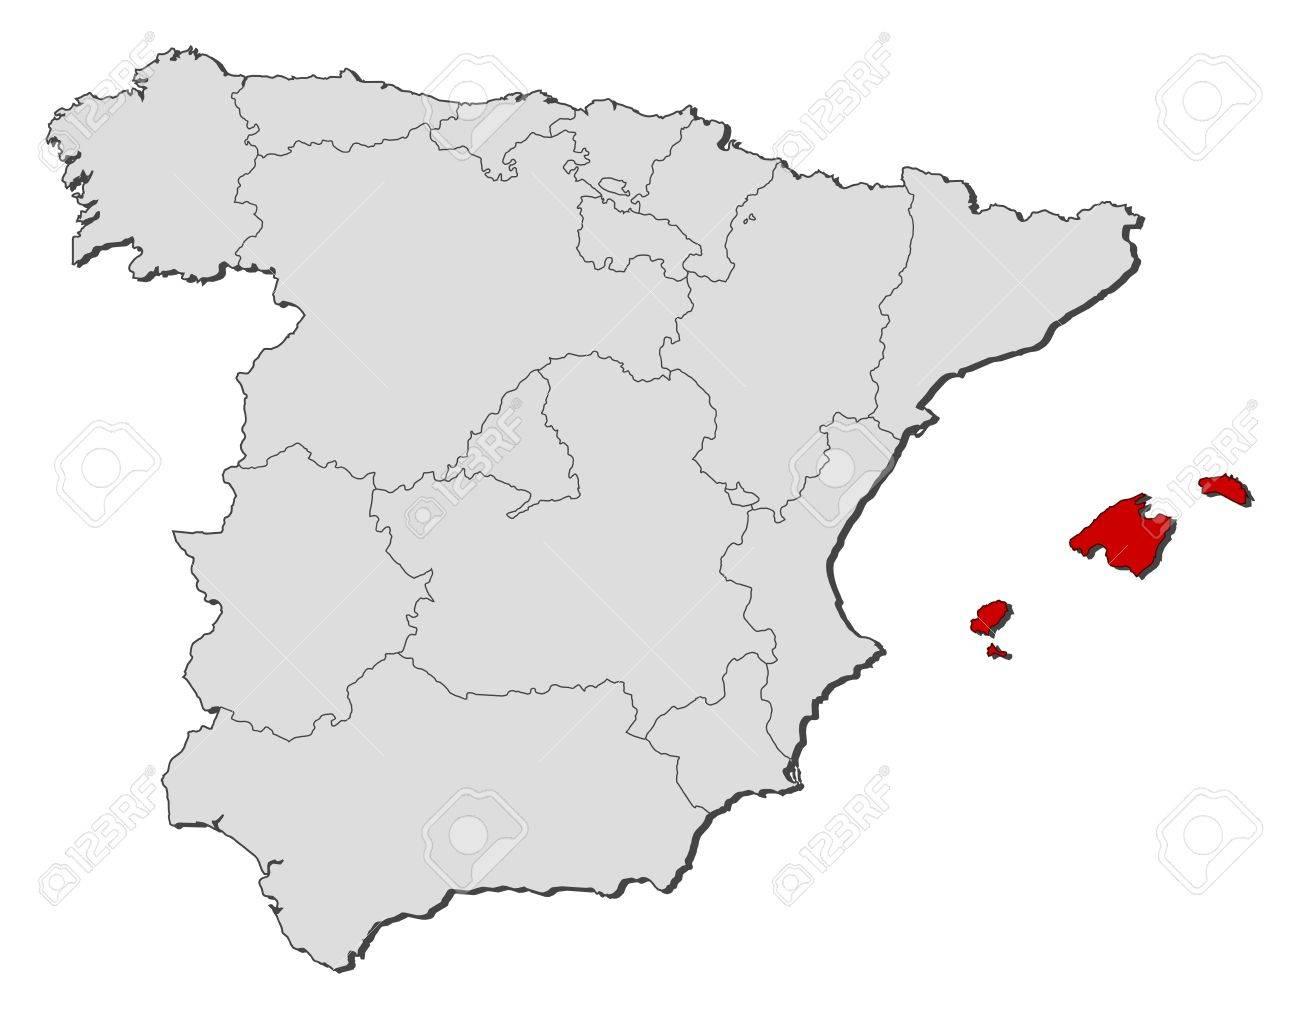 Mapa Politico De Espana Con Las Diversas Regiones Donde Las Islas Baleares Se Destacan